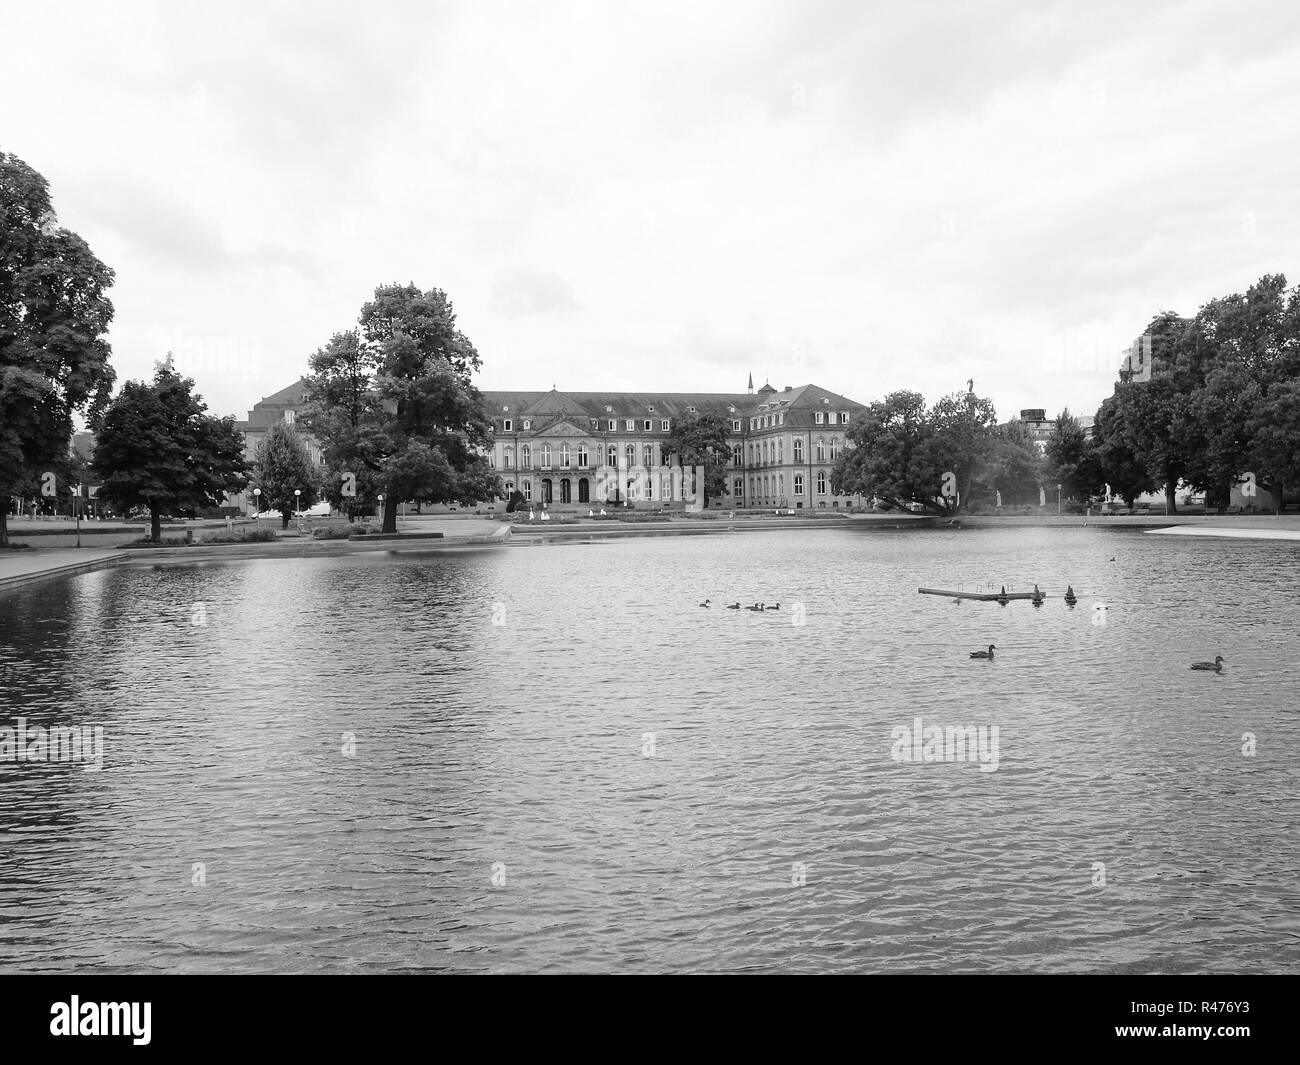 Gardens in Stuttgart Germany - Stock Image